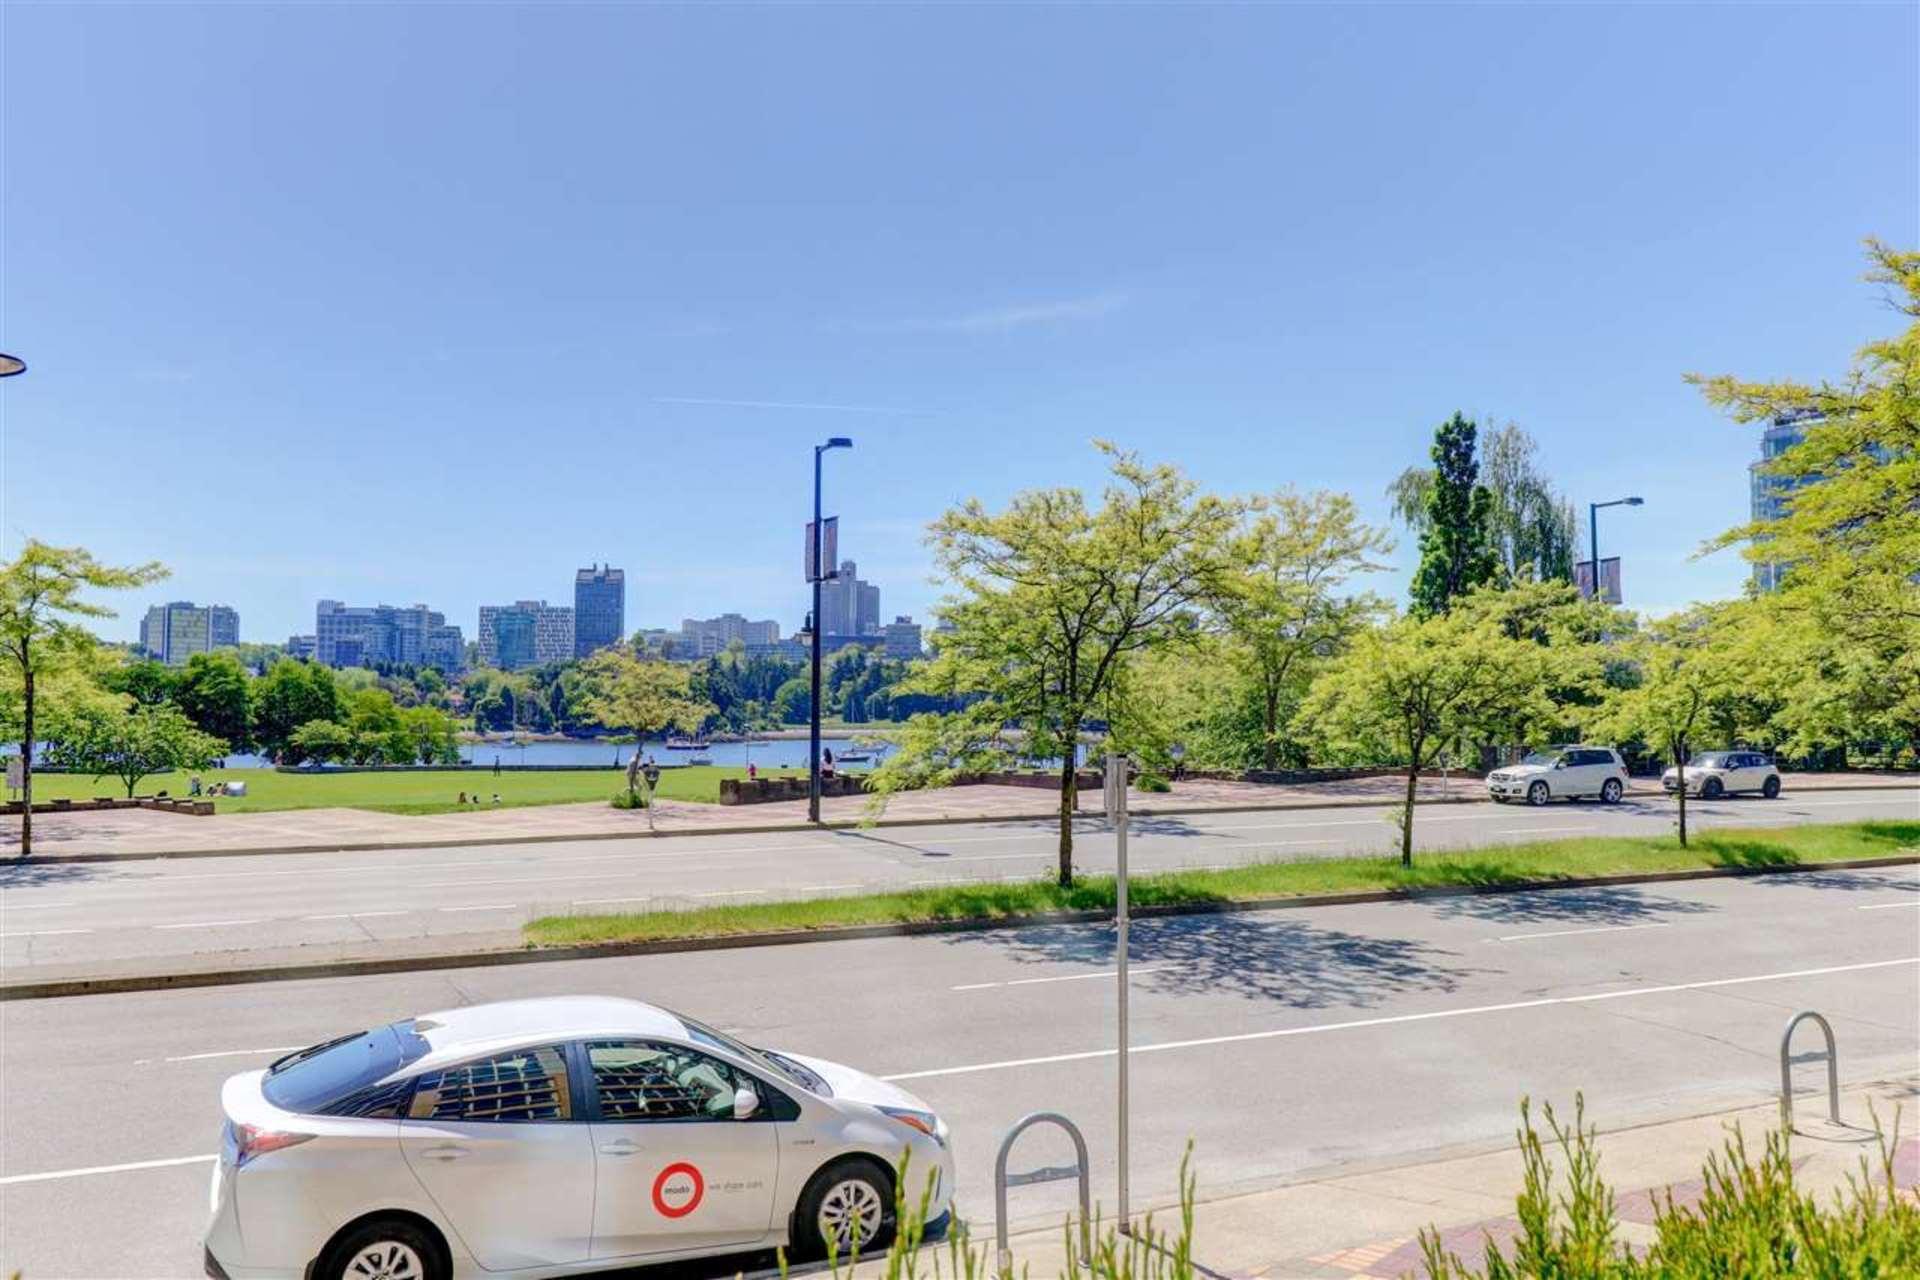 388-drake-street-yaletown-vancouver-west-31 at 103 - 388 Drake Street, Yaletown, Vancouver West